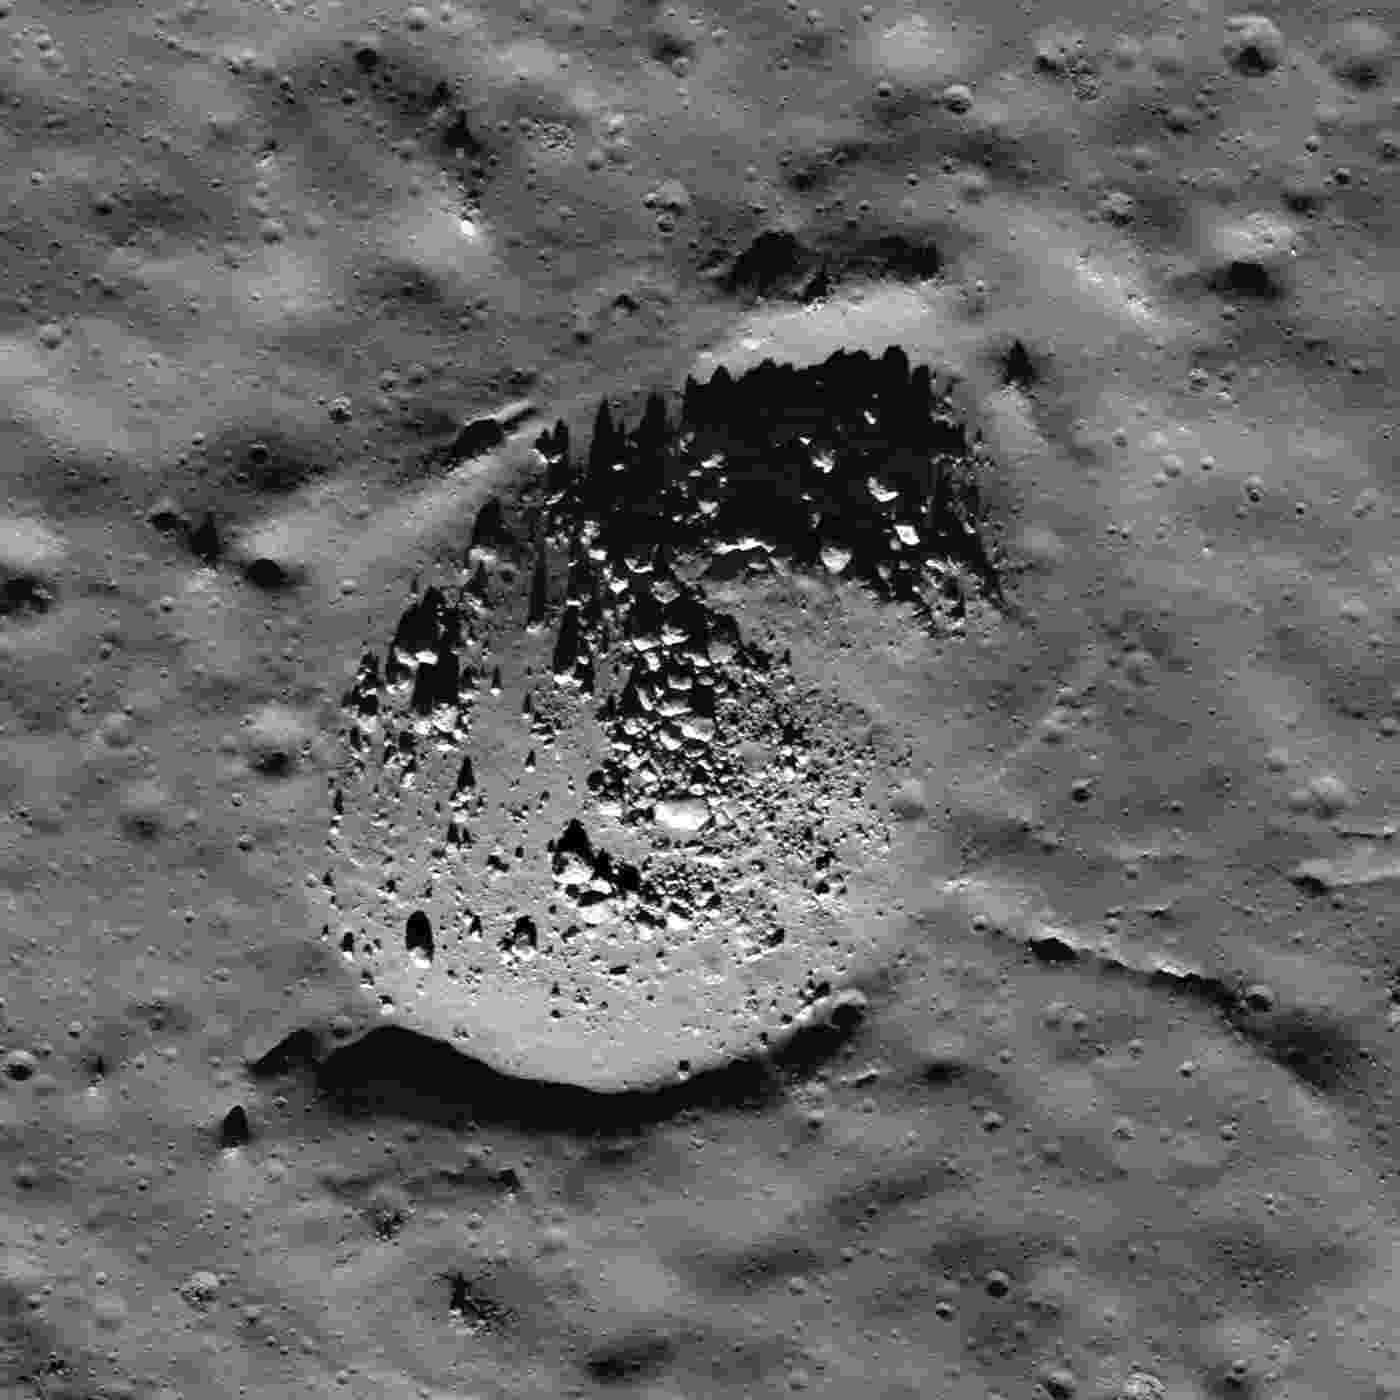 """27.ago.2013 - Grãos minerais da cratera Bullialdus, localizada perto do Equador da Lua, trazem indícios de água magmática, anunciou a Nasa (Agência Espacial Norte-Americana). A sonda indiana Chandrayaan 1, que tem um instrumento de mineralogia da Nasa, detectou na porção central da cratera um """" volume significativo de hidroxila, uma molécula feita de um átomo de oxigênio e um de hidrogênio, o que prova que as rochas contêm água que se originou muito abaixo da superfície lunar"""" - Nasa/JPL"""